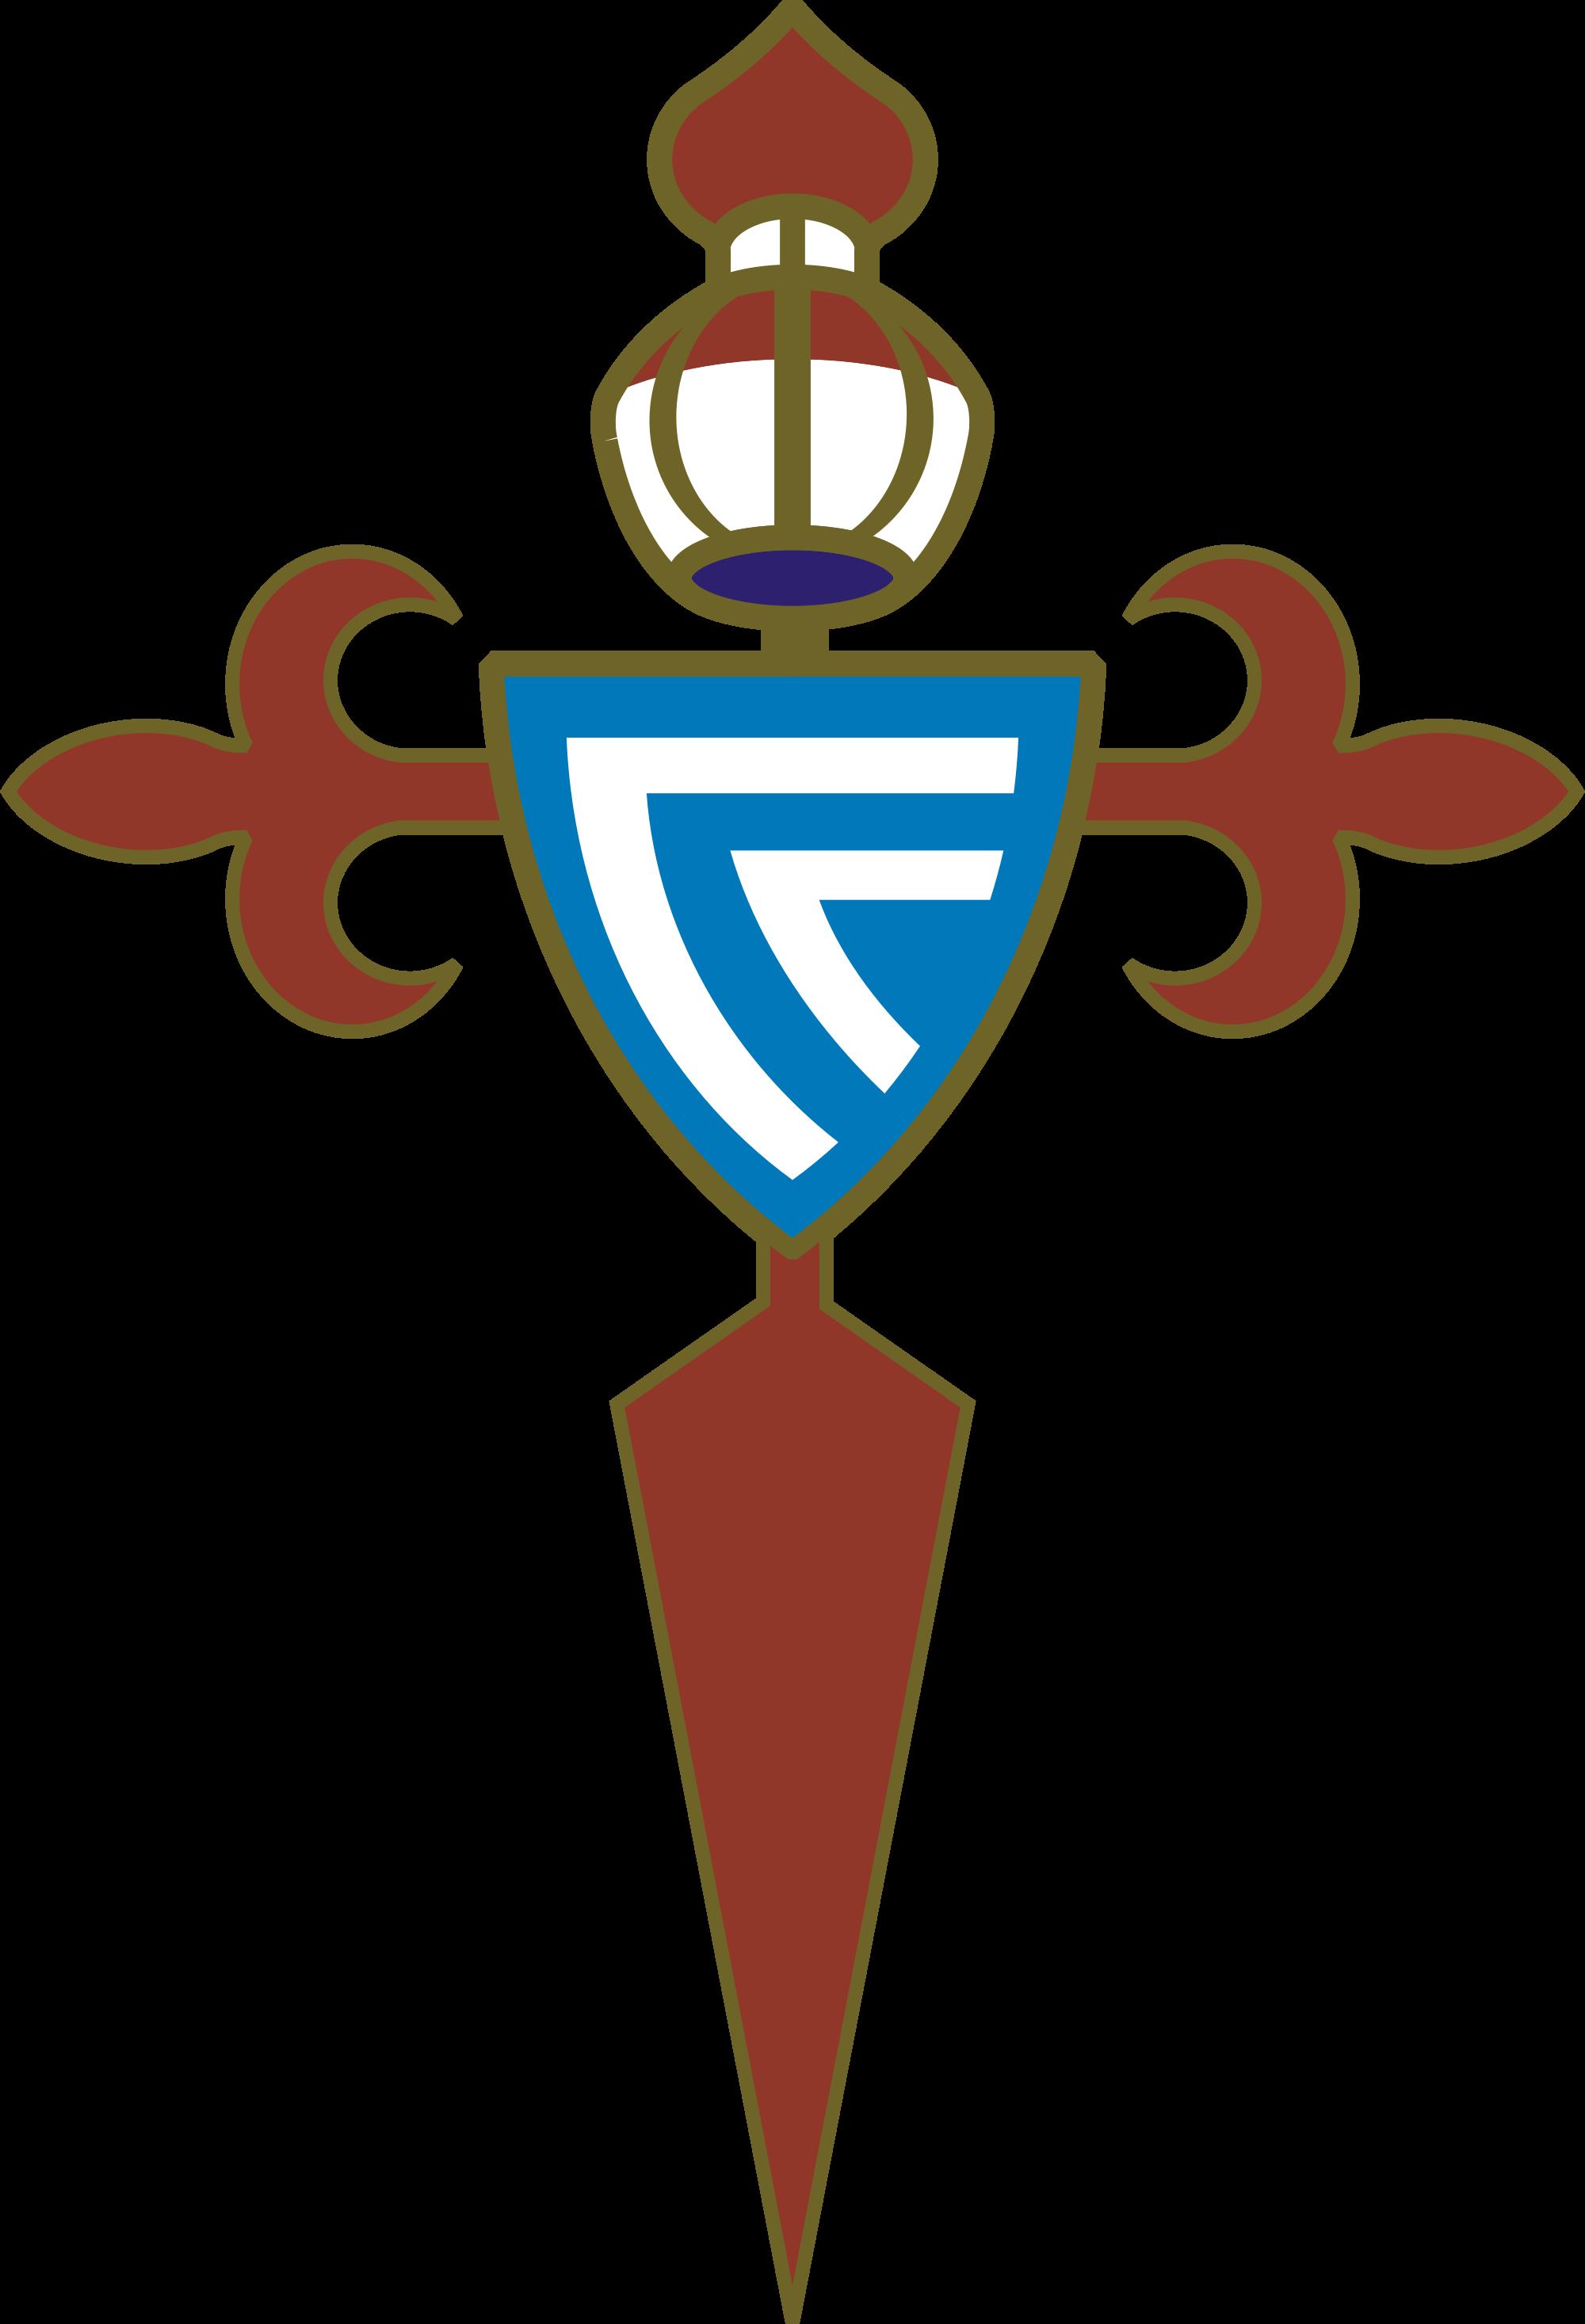 Емблема ФК «Сельта»